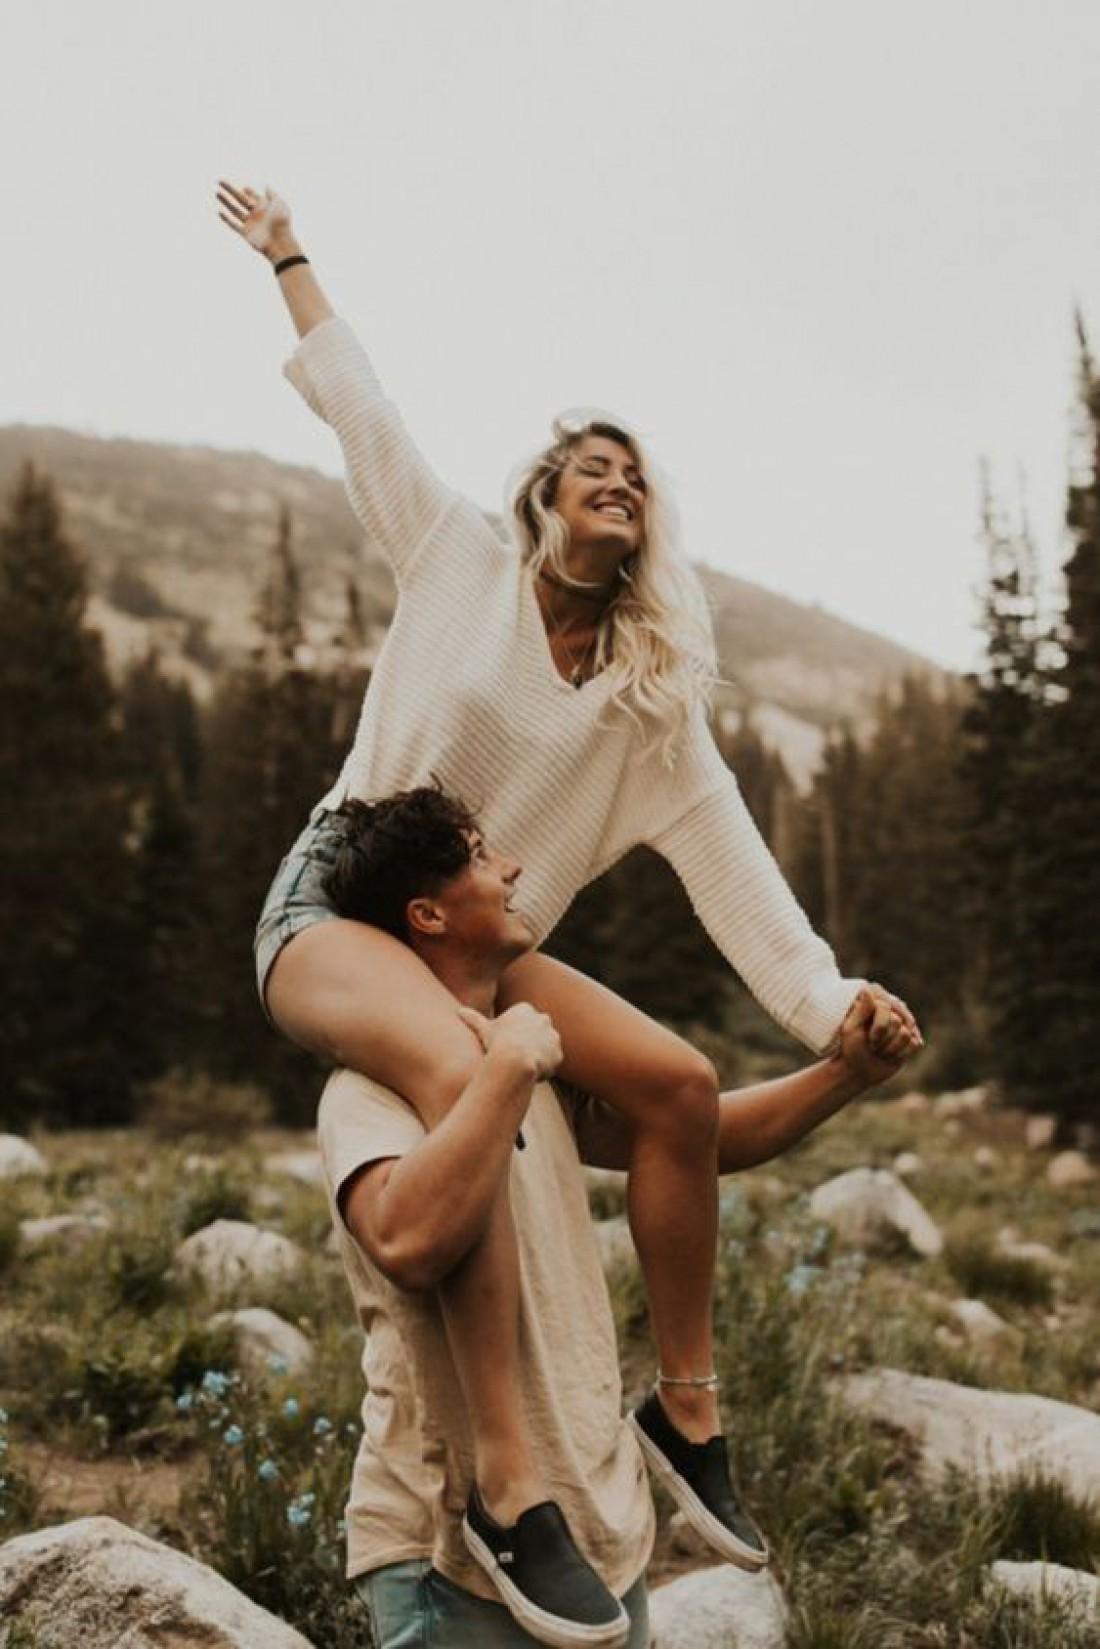 8 вещей, которые никогда не делают по-настоящему счастливые пары